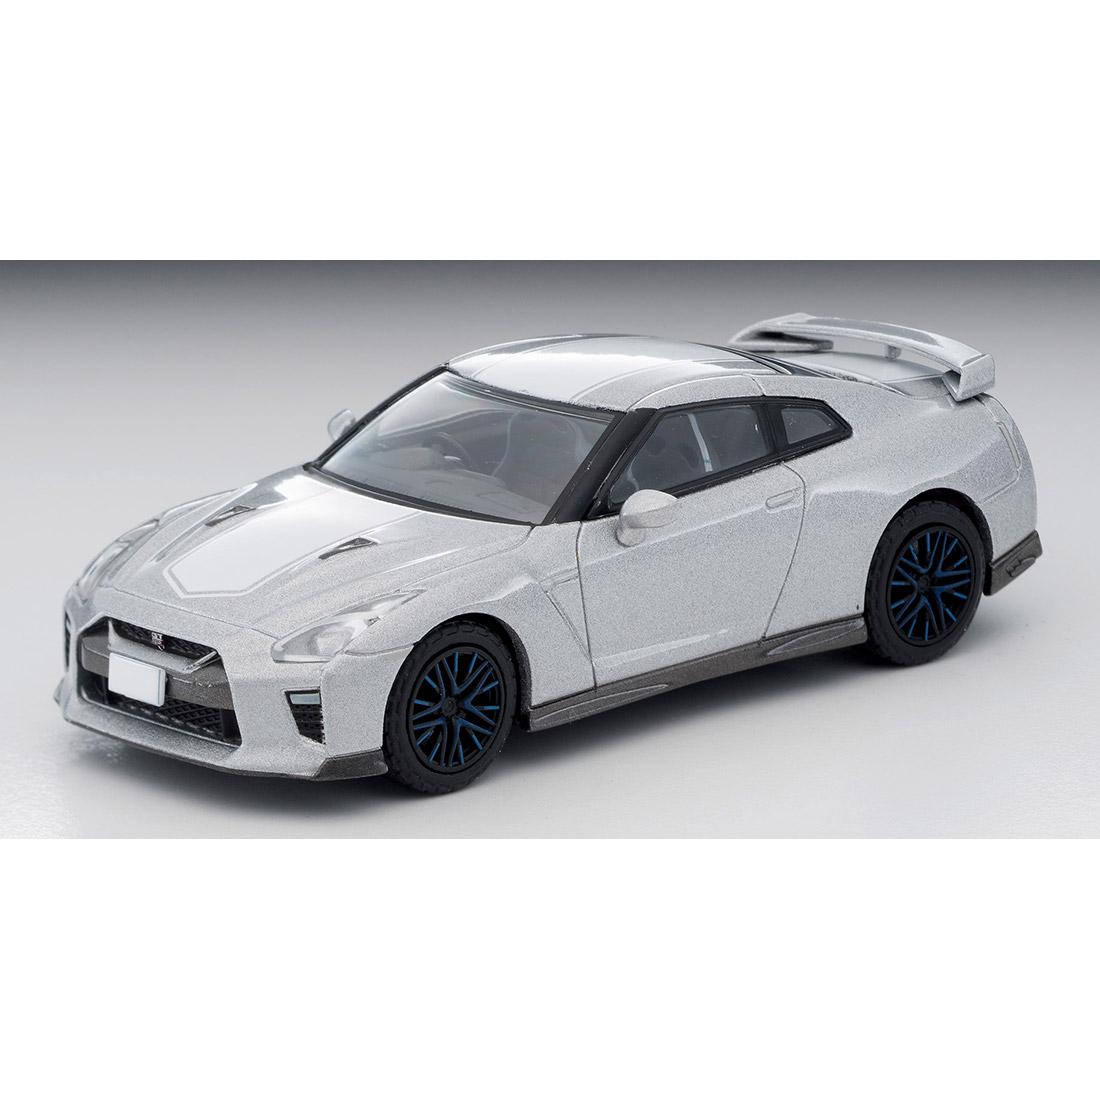 トミカリミテッドヴィンテージ ネオ LV-N200a『日産GT-R 50th ANNIVERSARY(青)』1/64 ミニカー-011